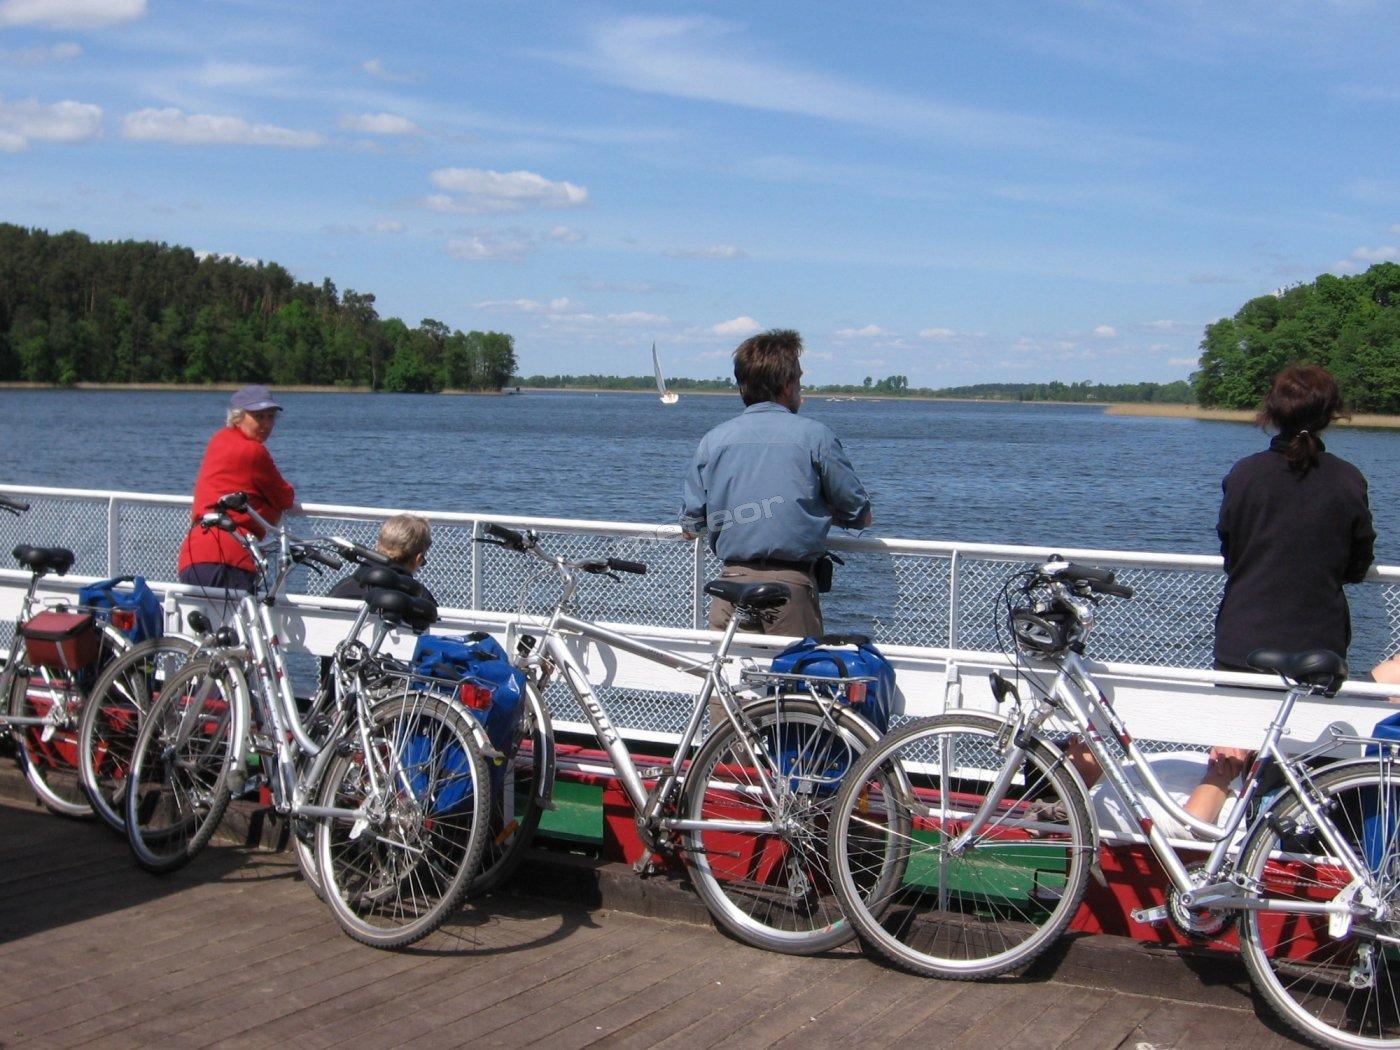 Na promie z Popielna ( stacja PAN konika polskiego )  w kierunku na Mikołajki. Jezioro Bełdany.